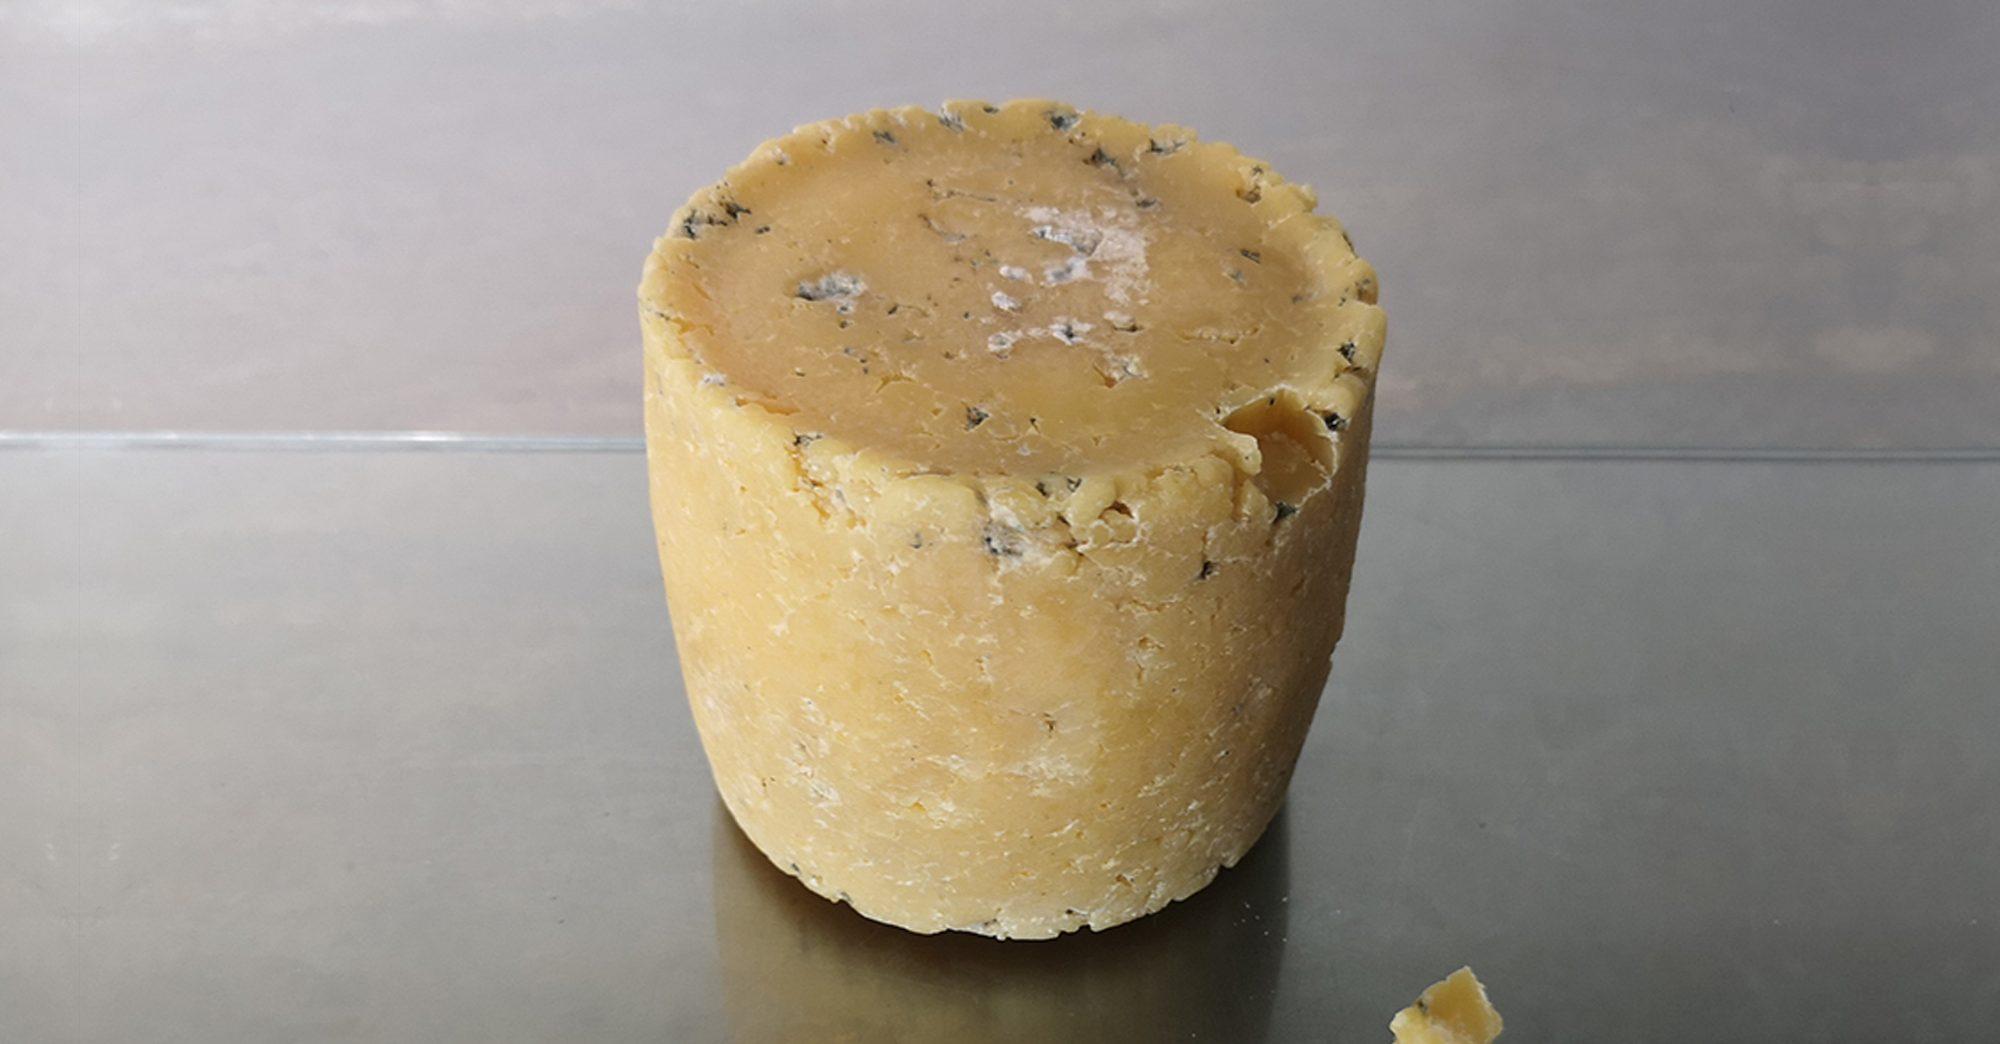 Un fromage créé à partir de bactéries humaines